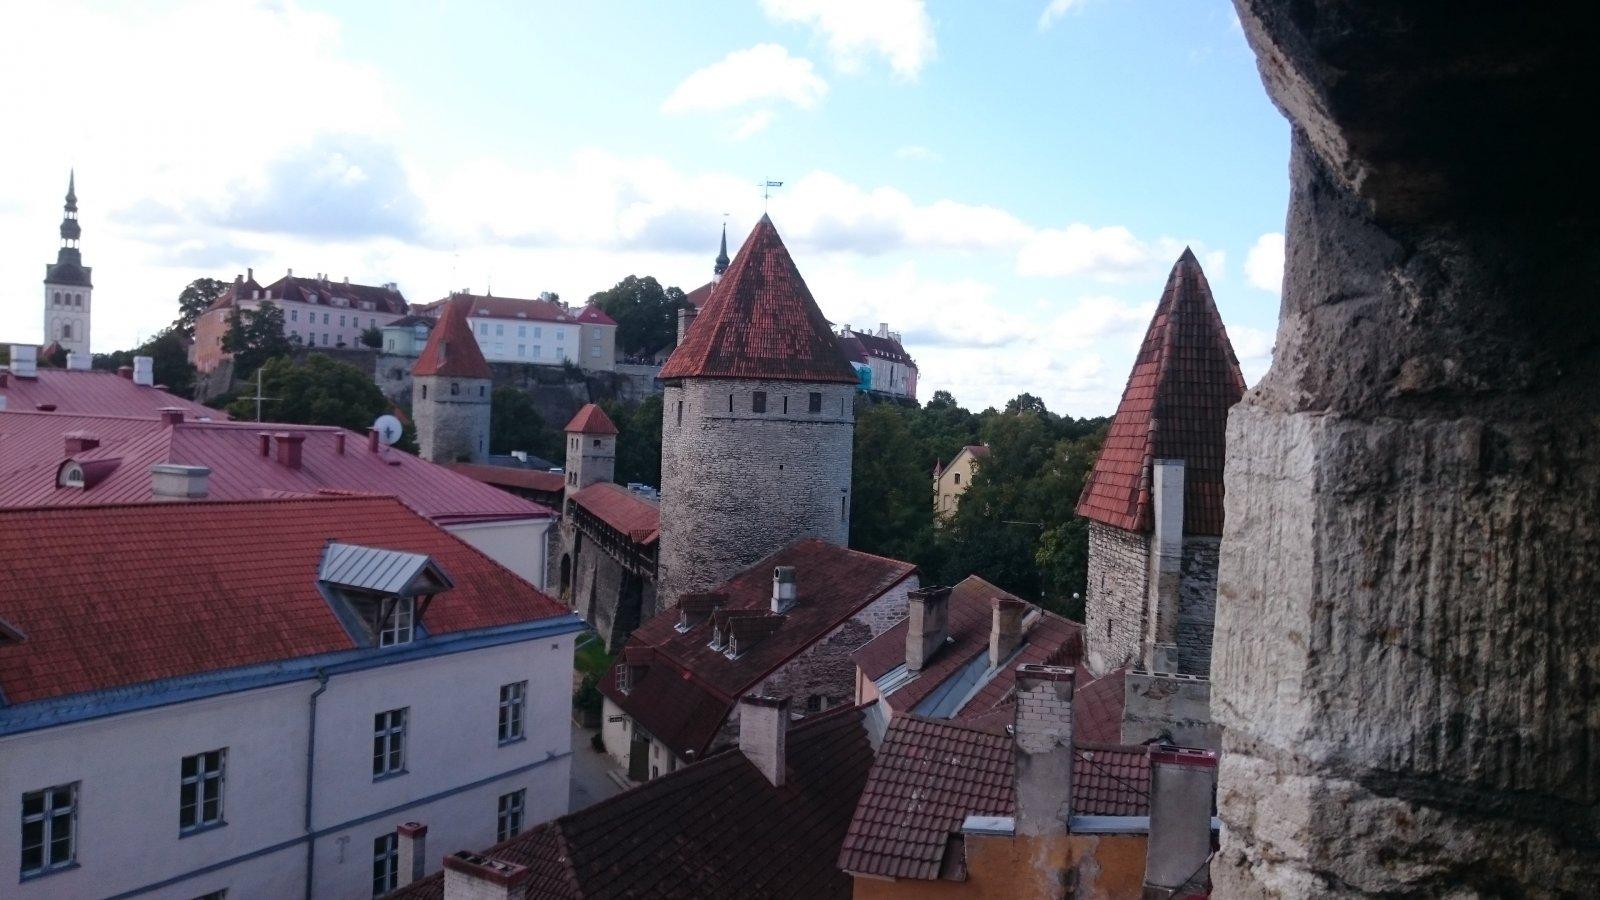 Пешеходная экскурсия по Таллину. Тишина и покой у крепостных стен